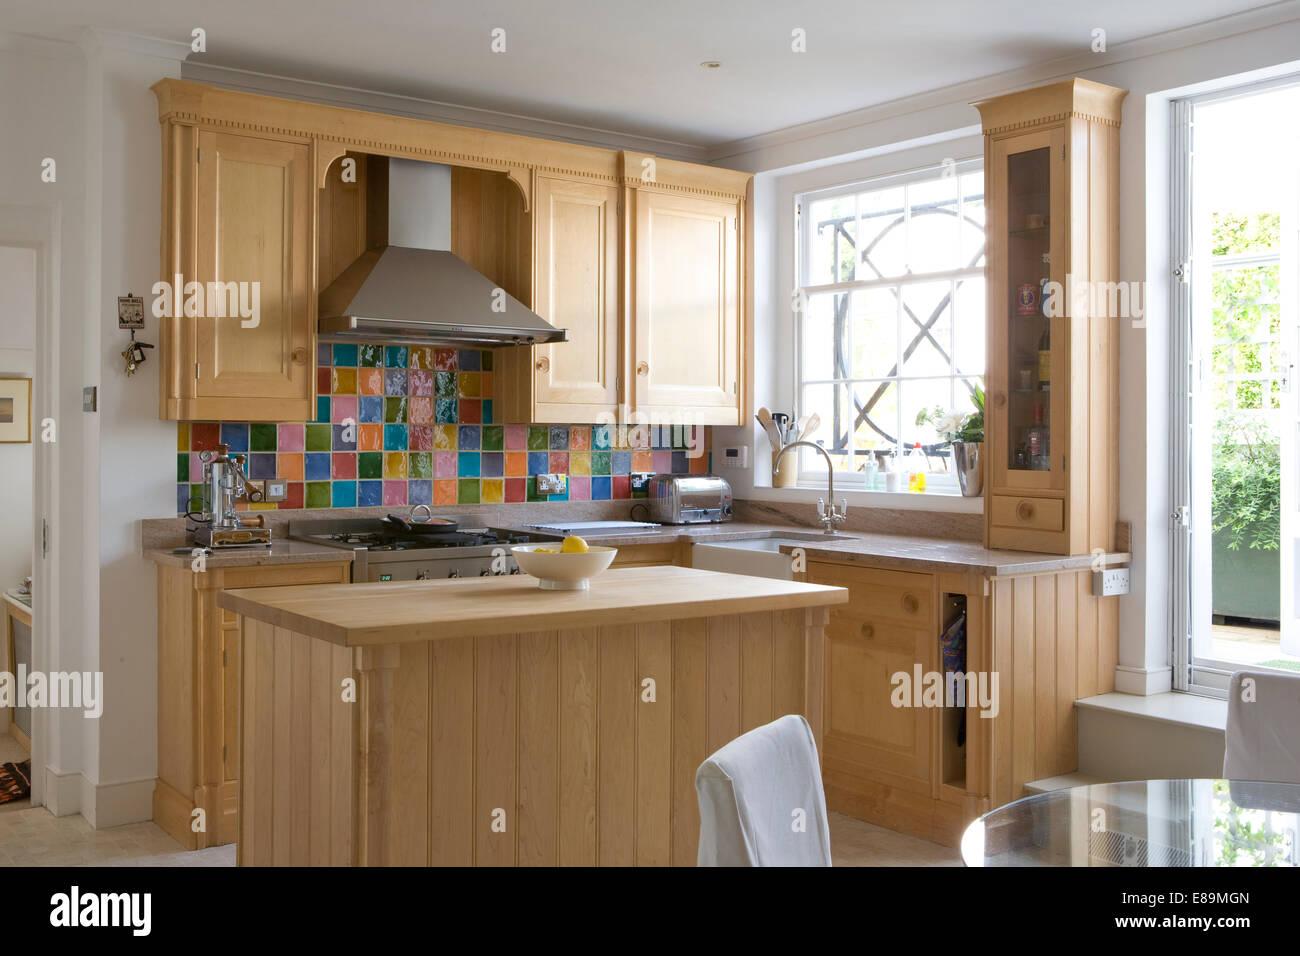 Unità di legno e unità di isola in cucina di paese con piastrelle